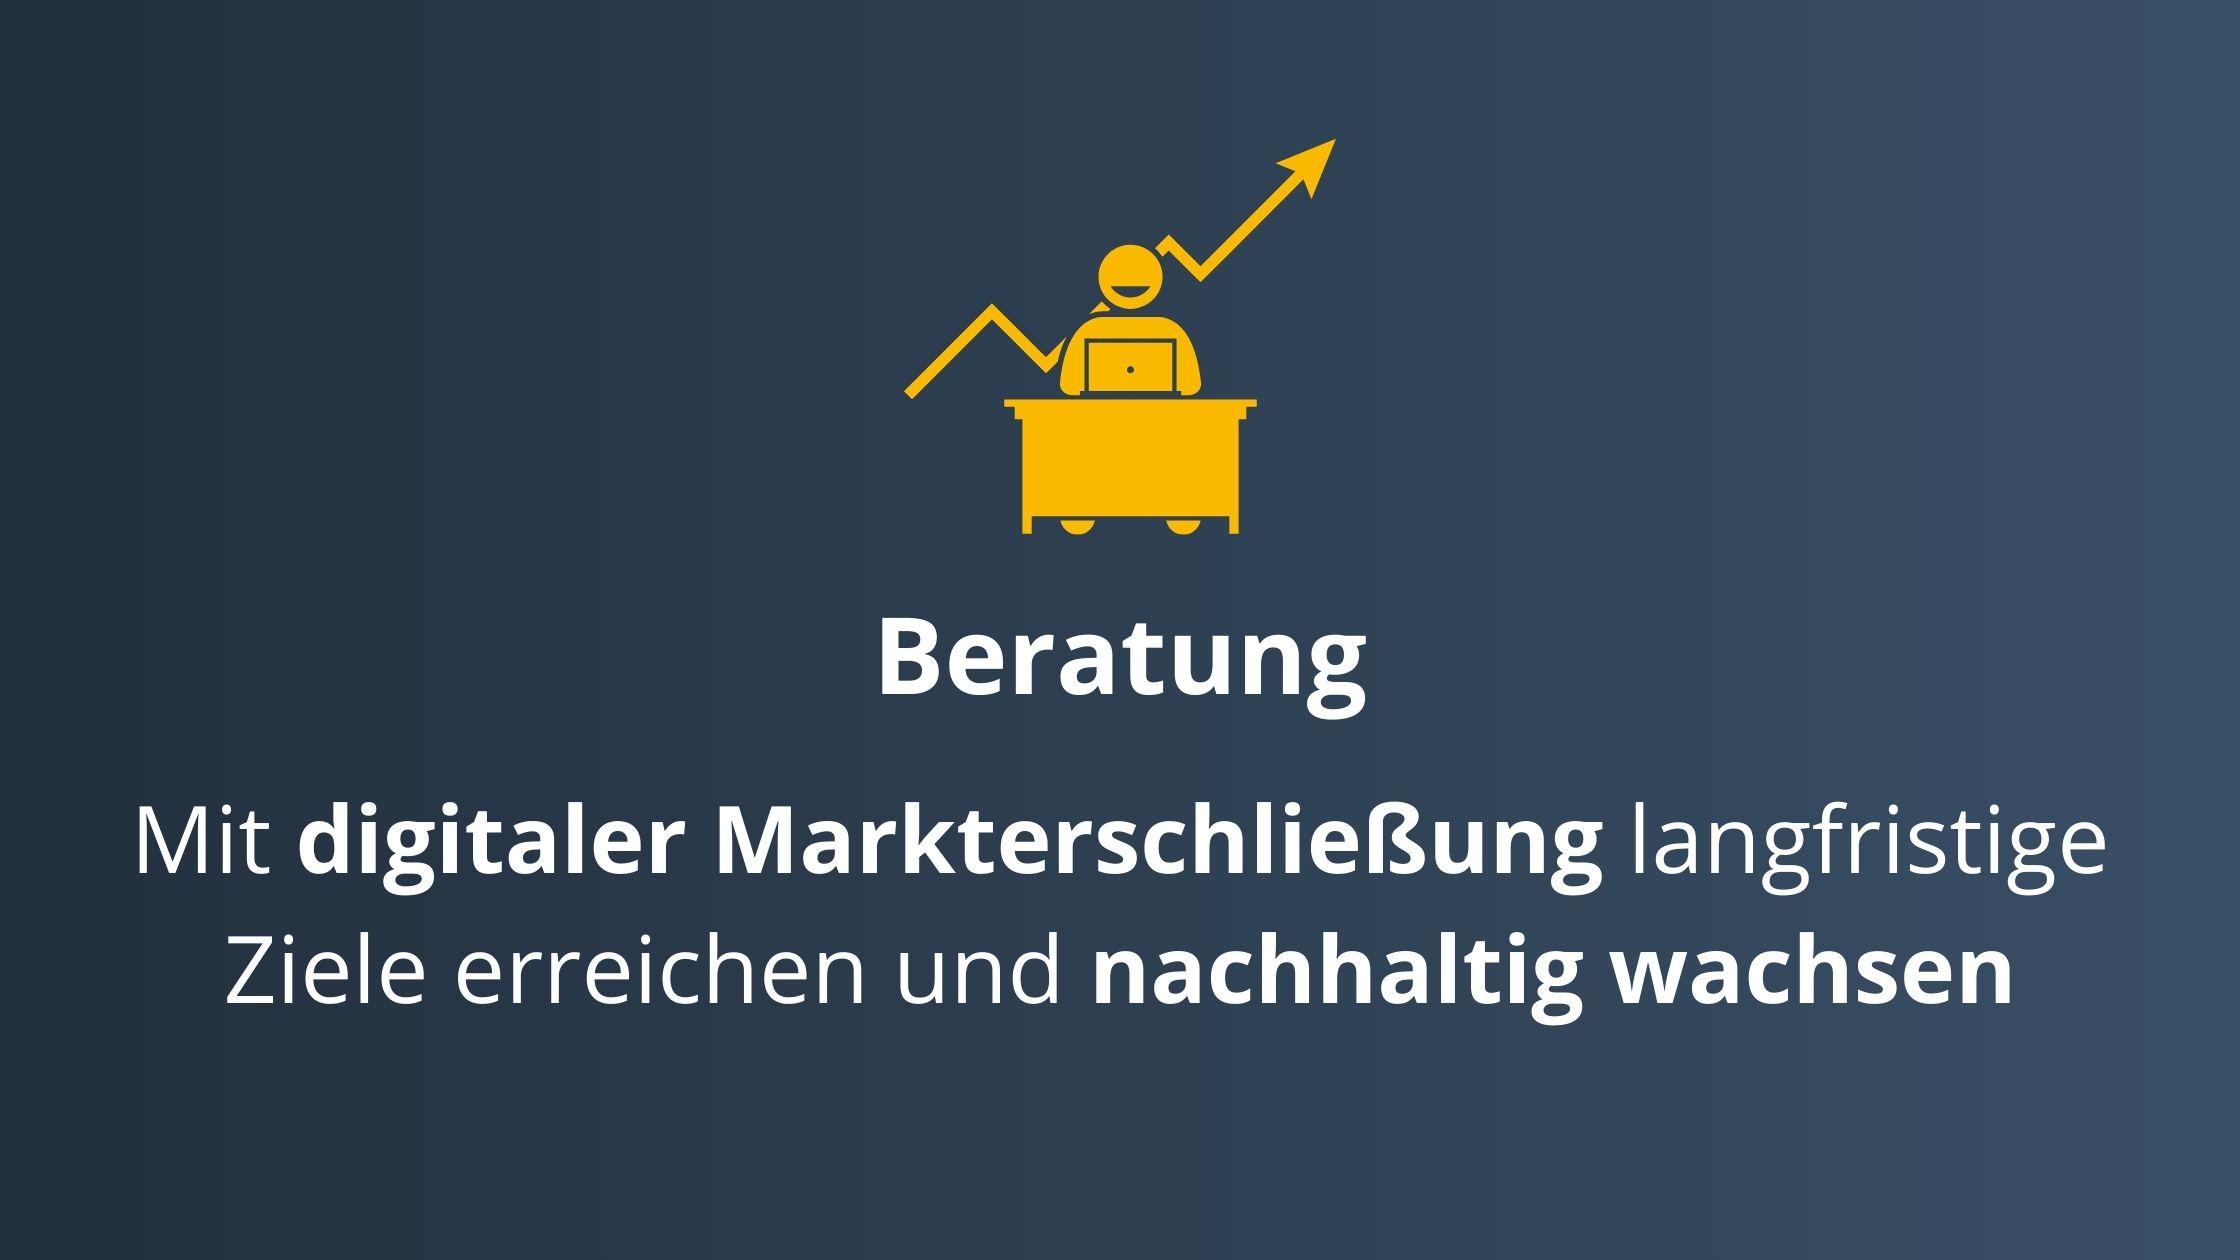 SalesSation-Leistungen_Beratung